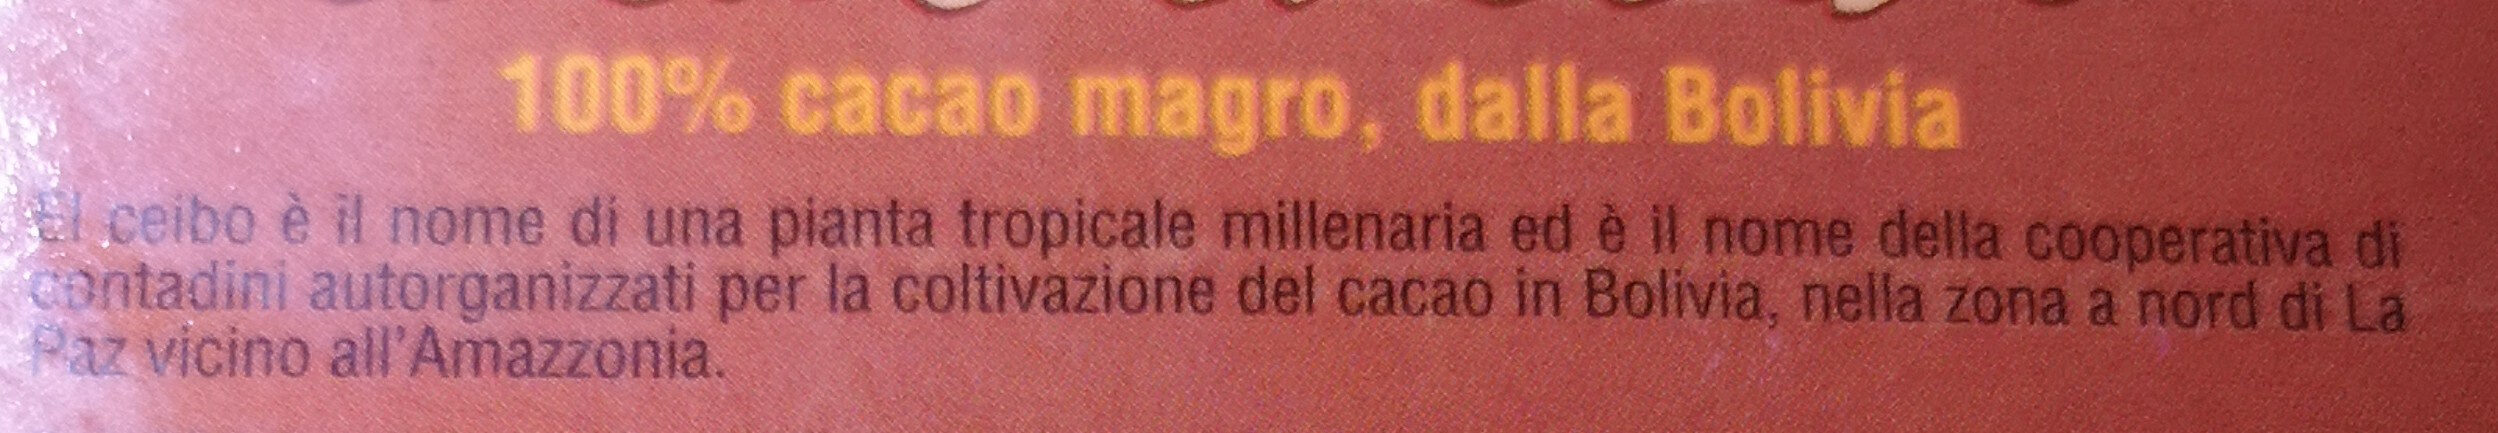 Cacao el ceibo - Ingrédients - fr